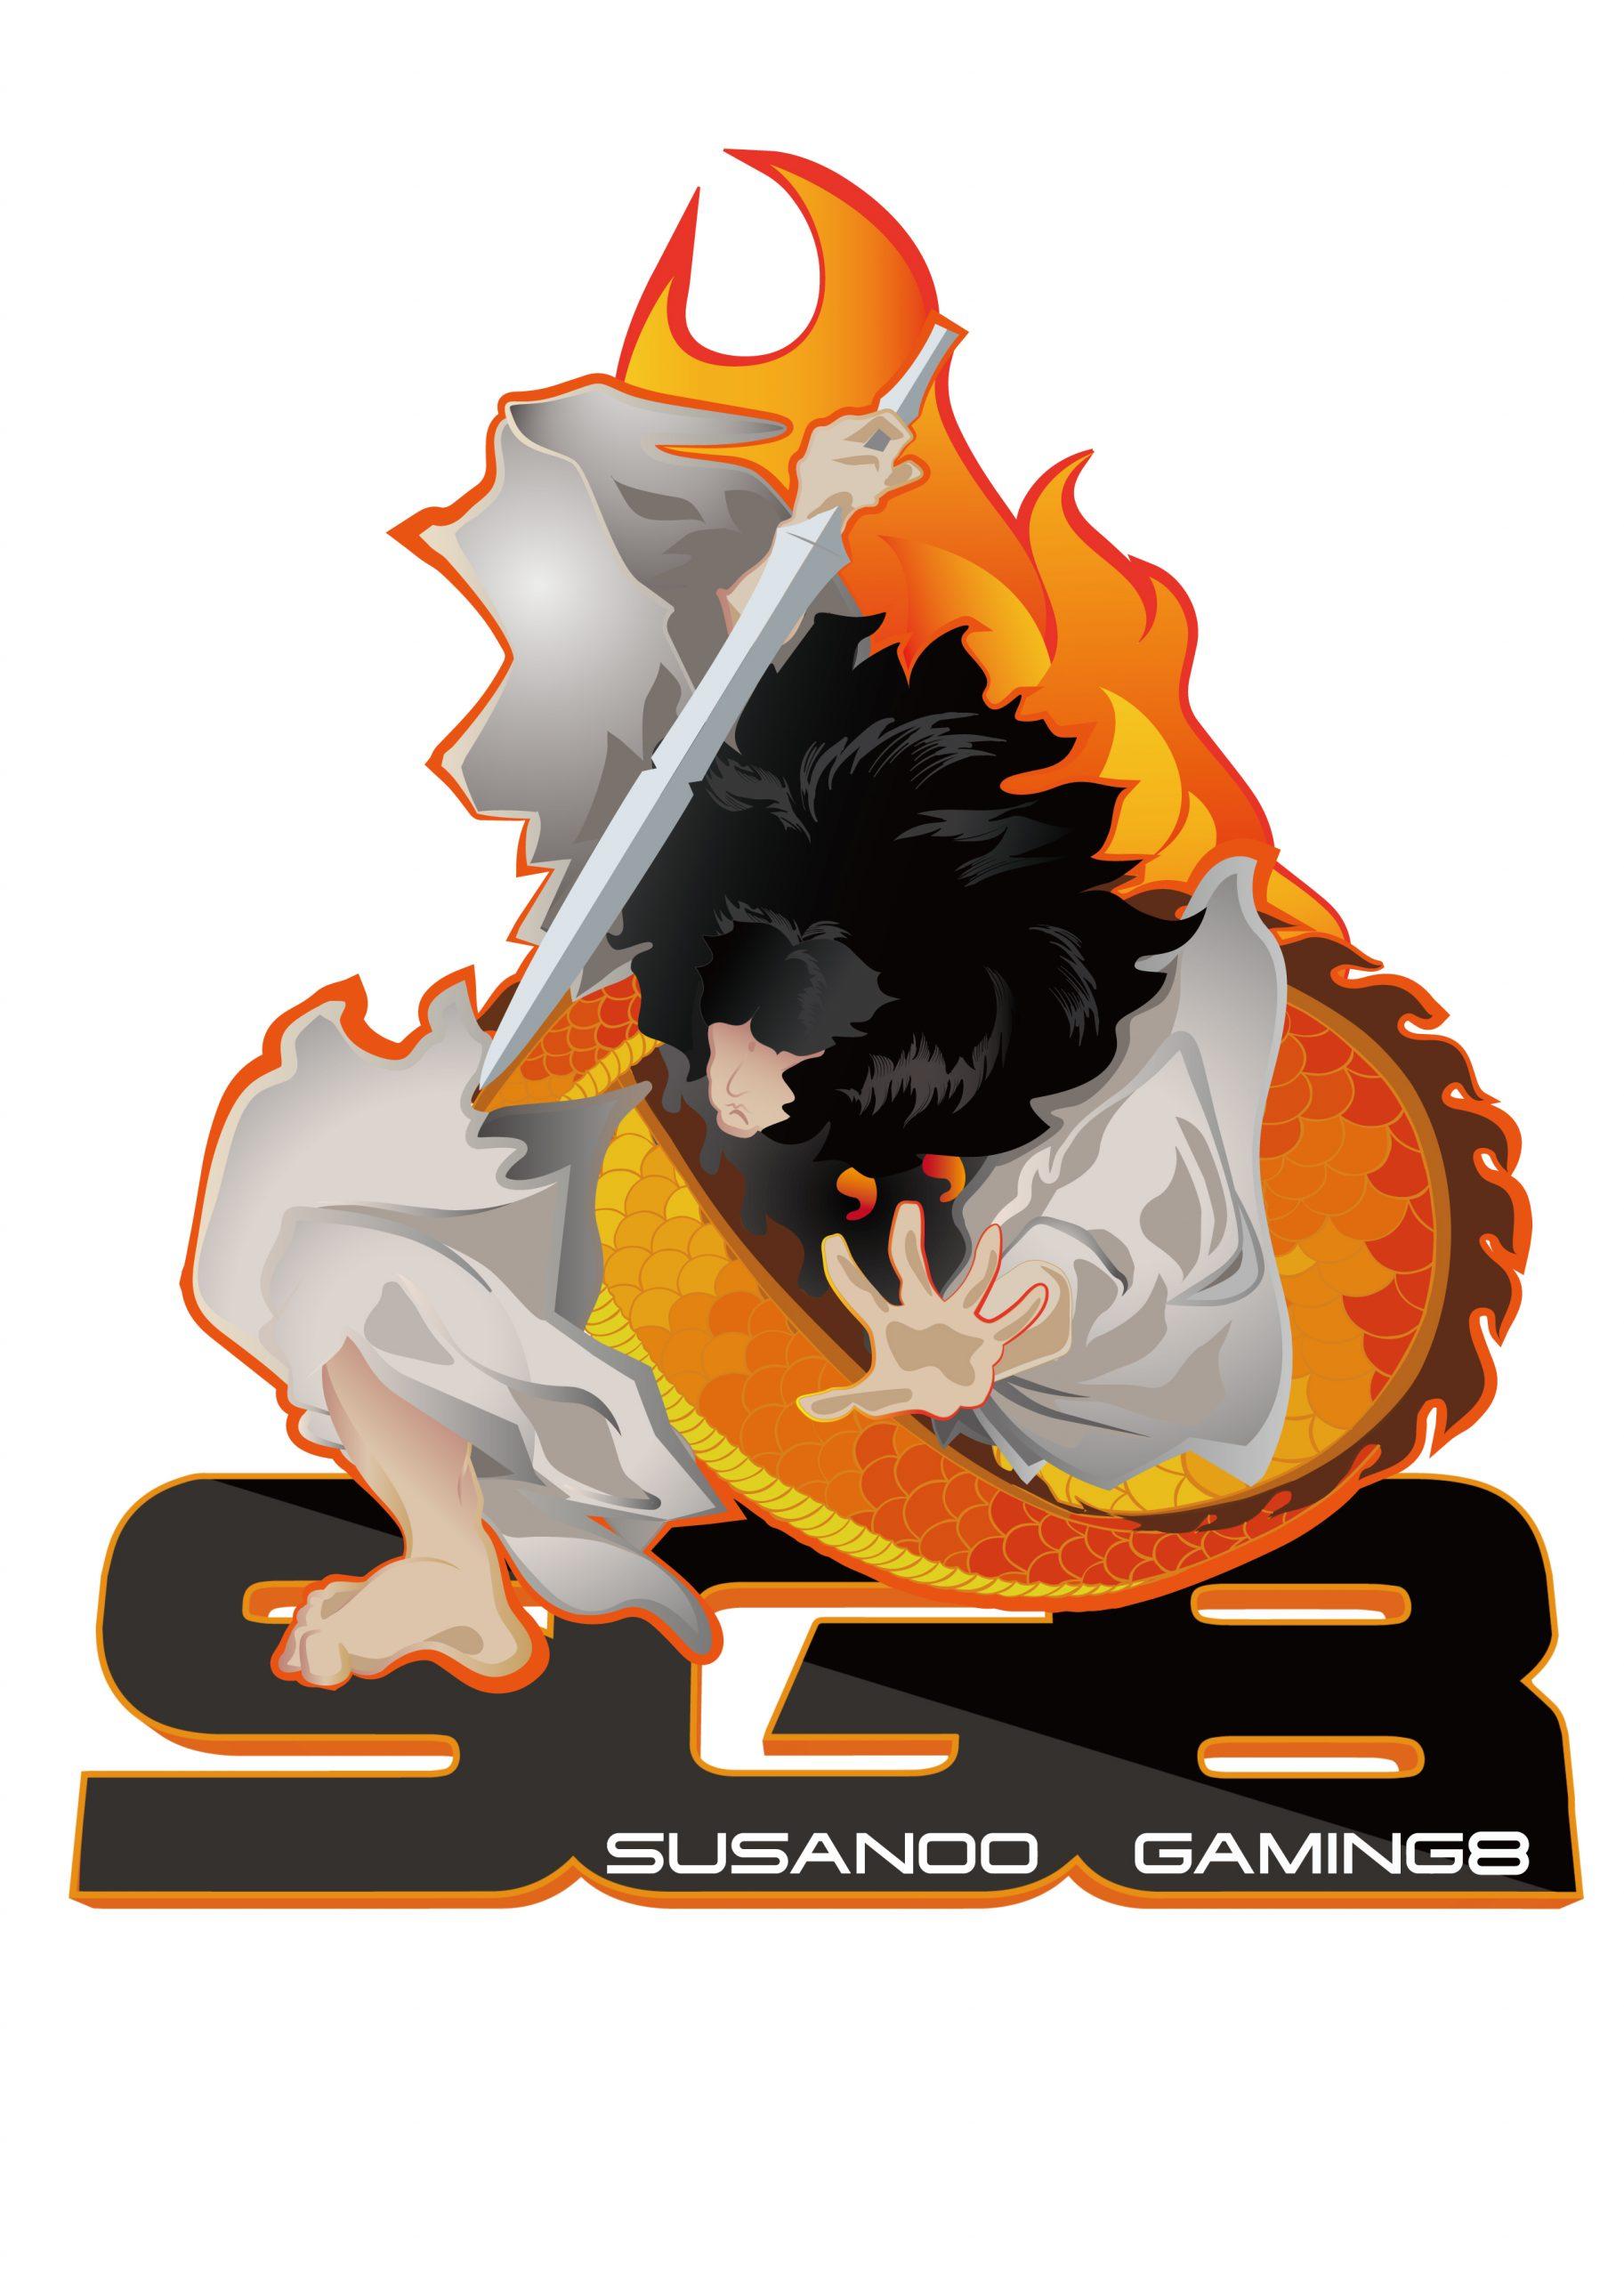 SUSANOO GAMING8/SG8